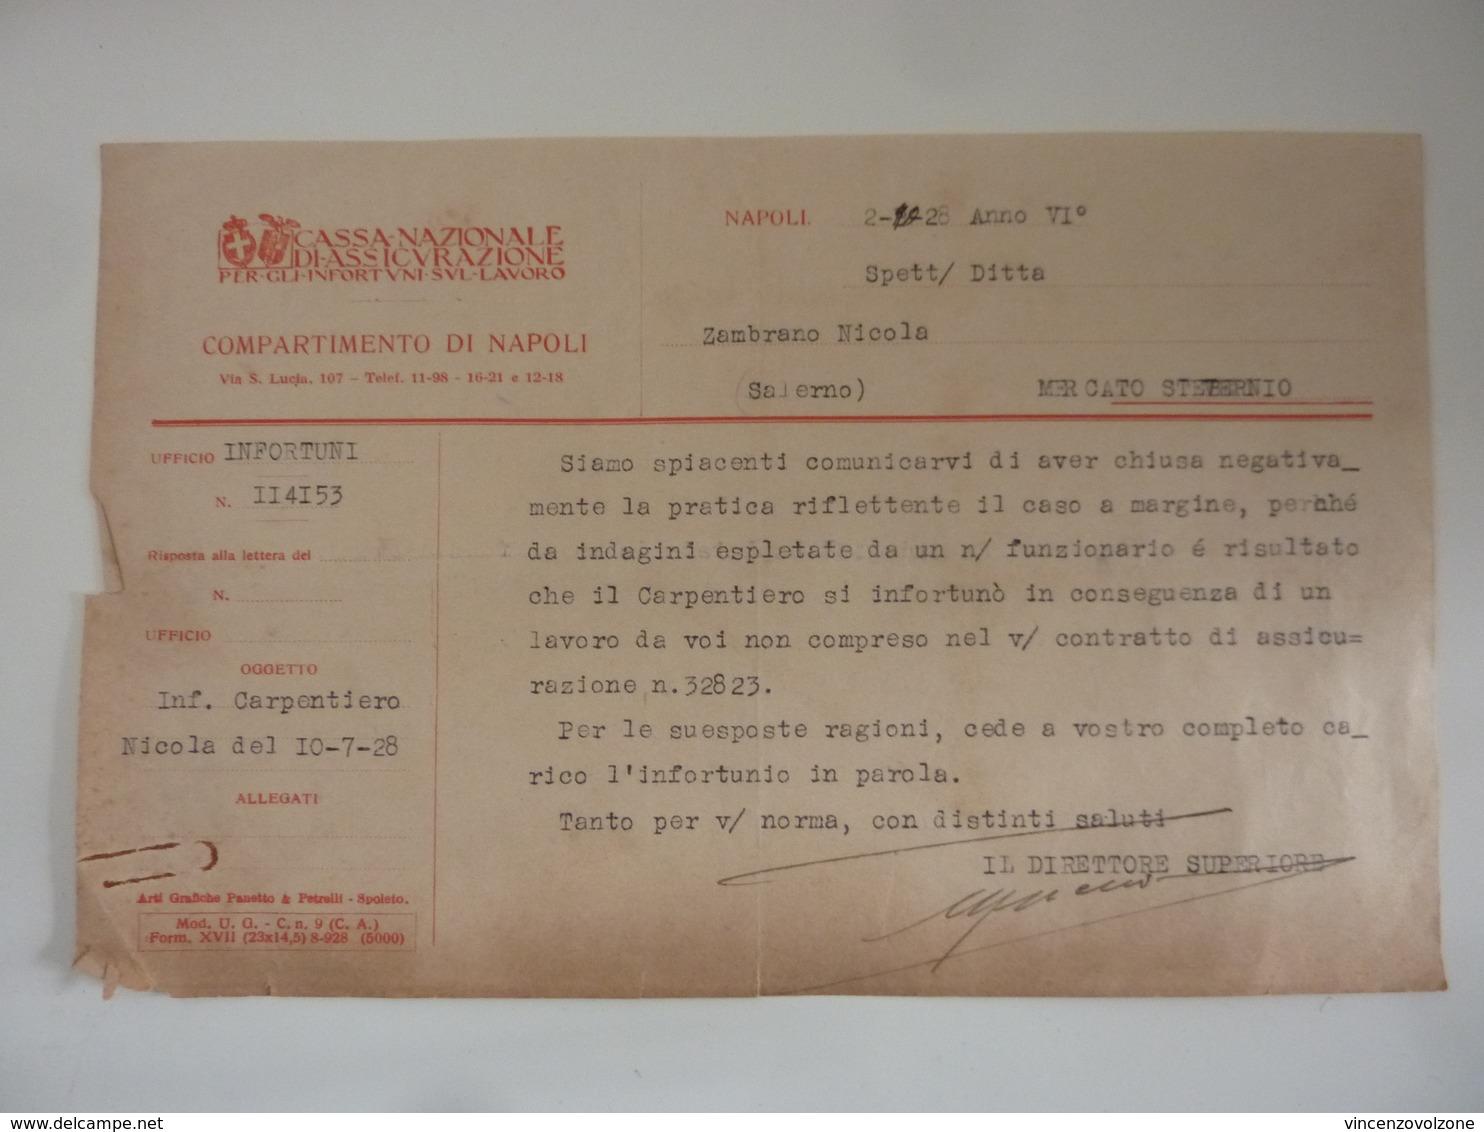 """Lettera """"CASSA NAZIONALE DI ASSICURAZIONI PER GLI INFORTUNI SUL LAVORO COMPARTIMENTO DI NAPOLI"""" 1928 - Italia"""